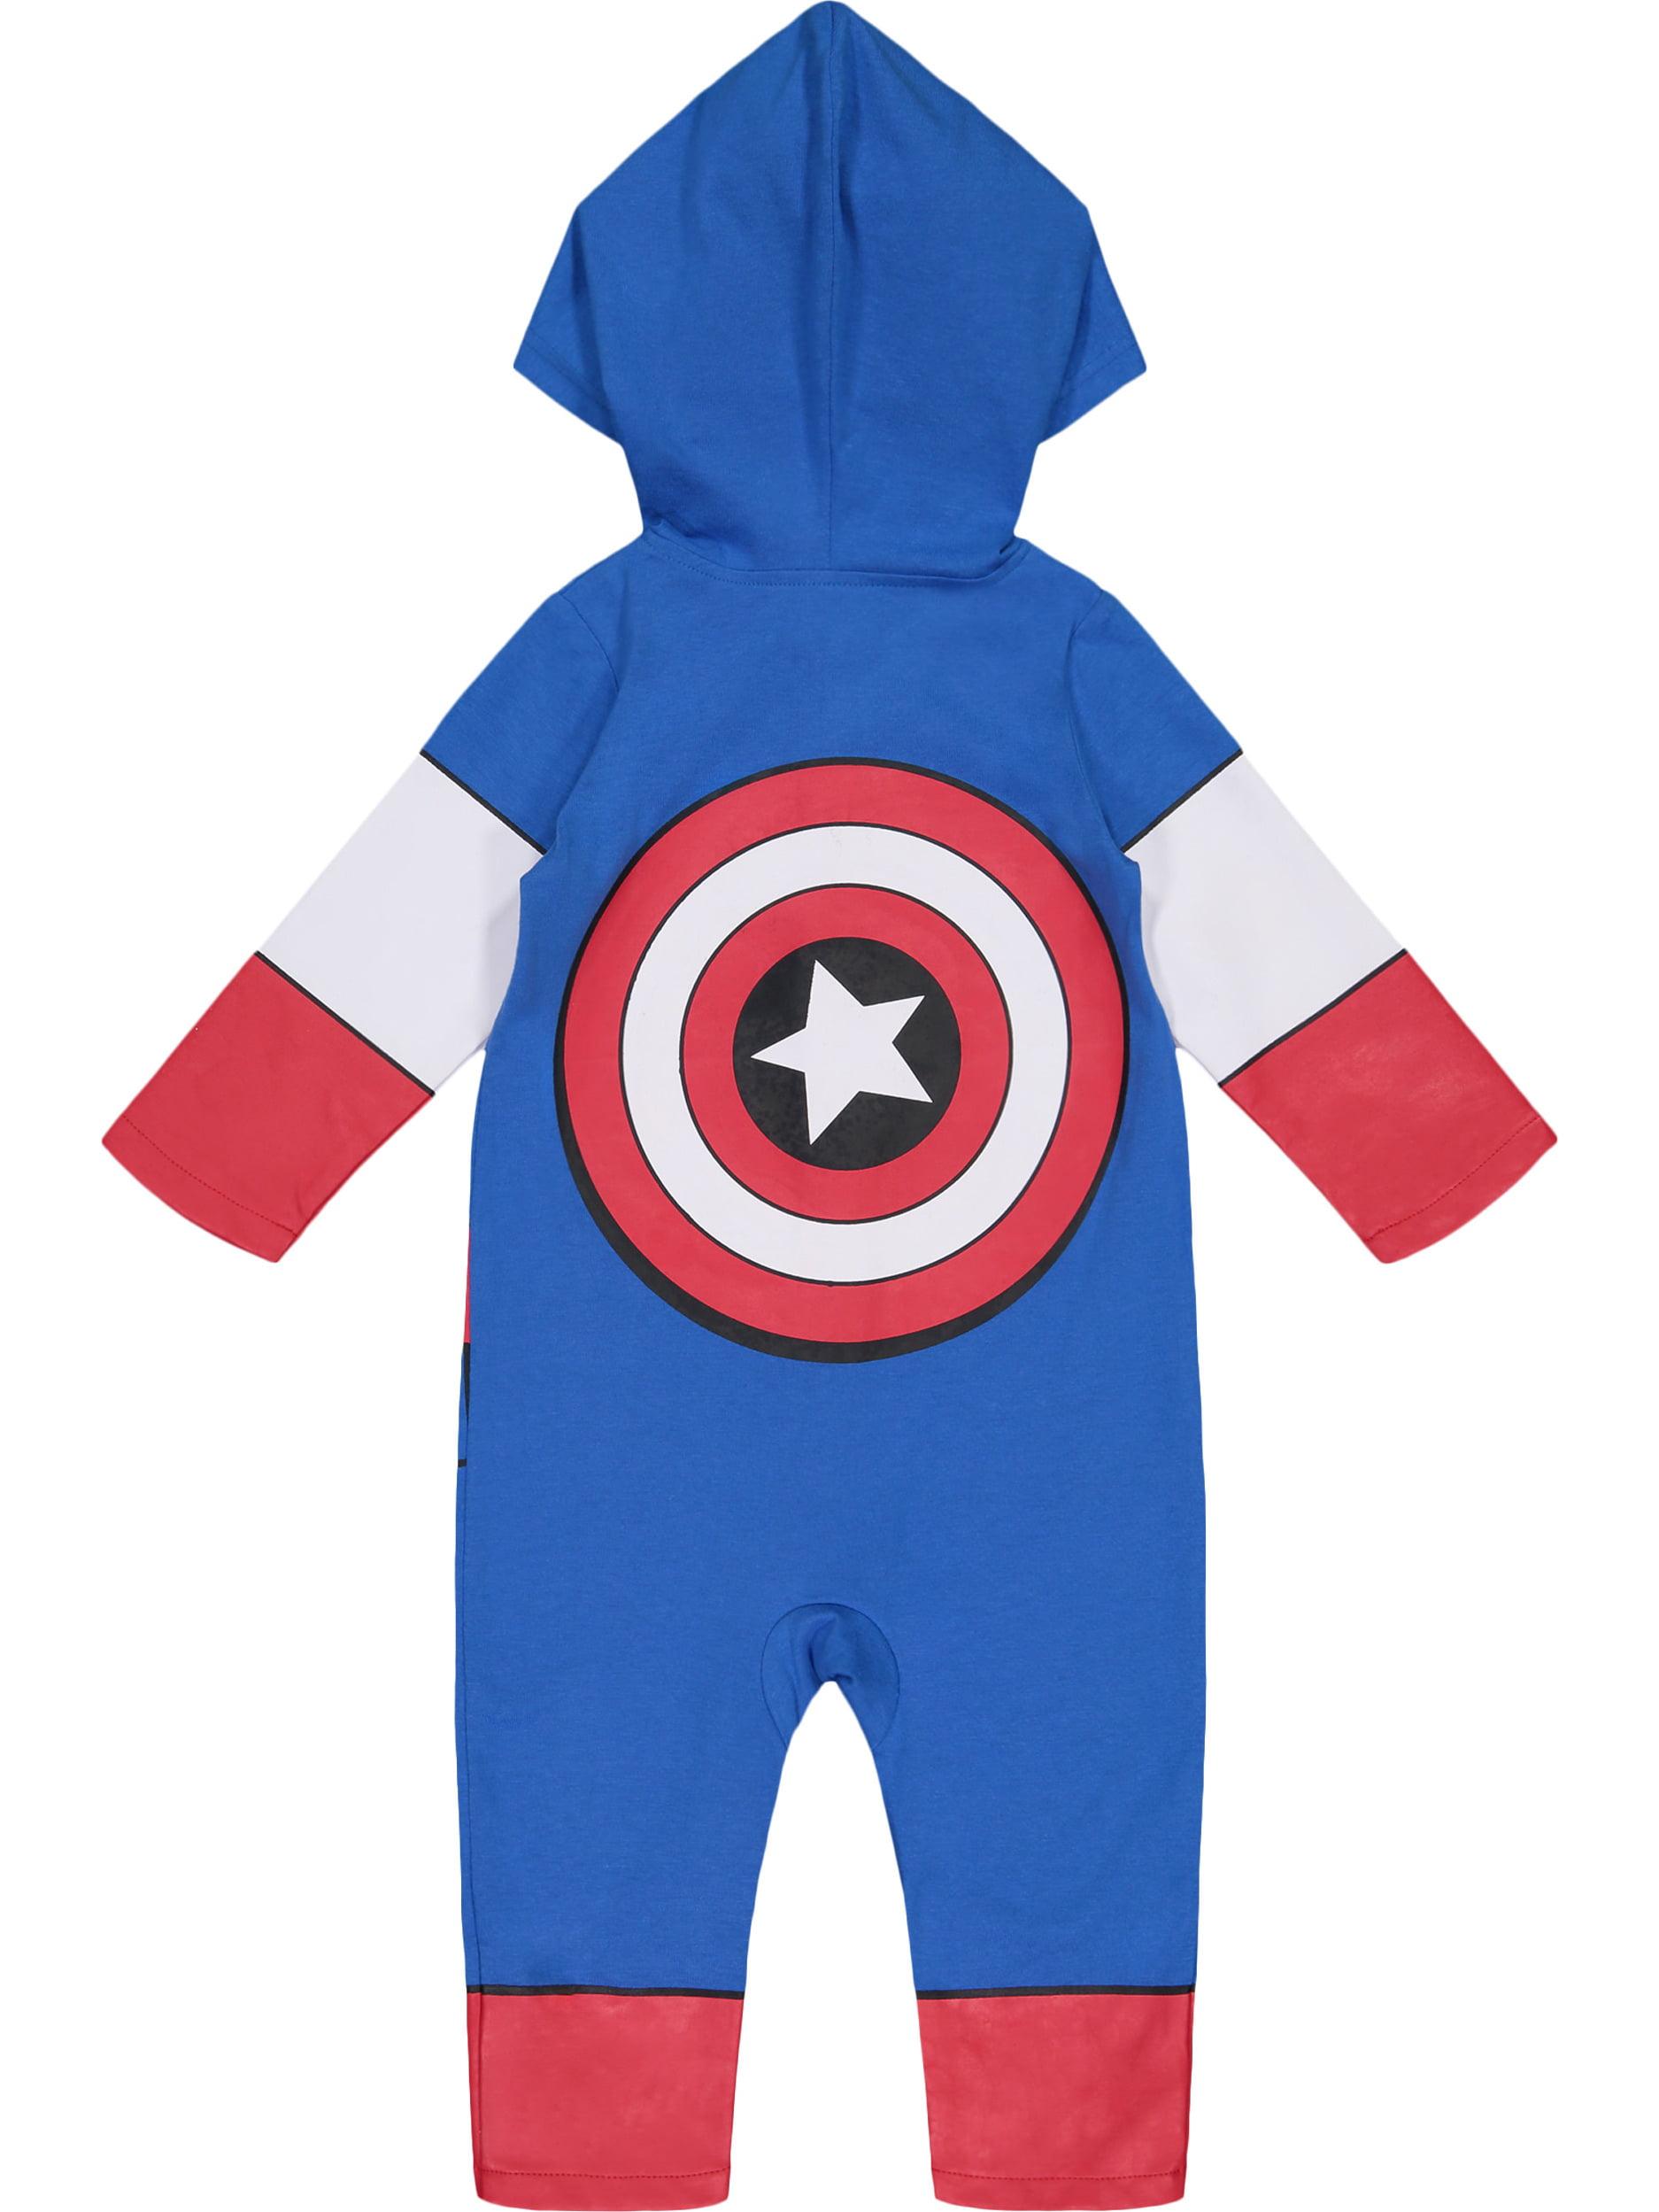 e805598748bc Marvel Avengers Captain America Toddler Boys  Zip-Up Hooded Costume  Coverall (4T) - Walmart.com